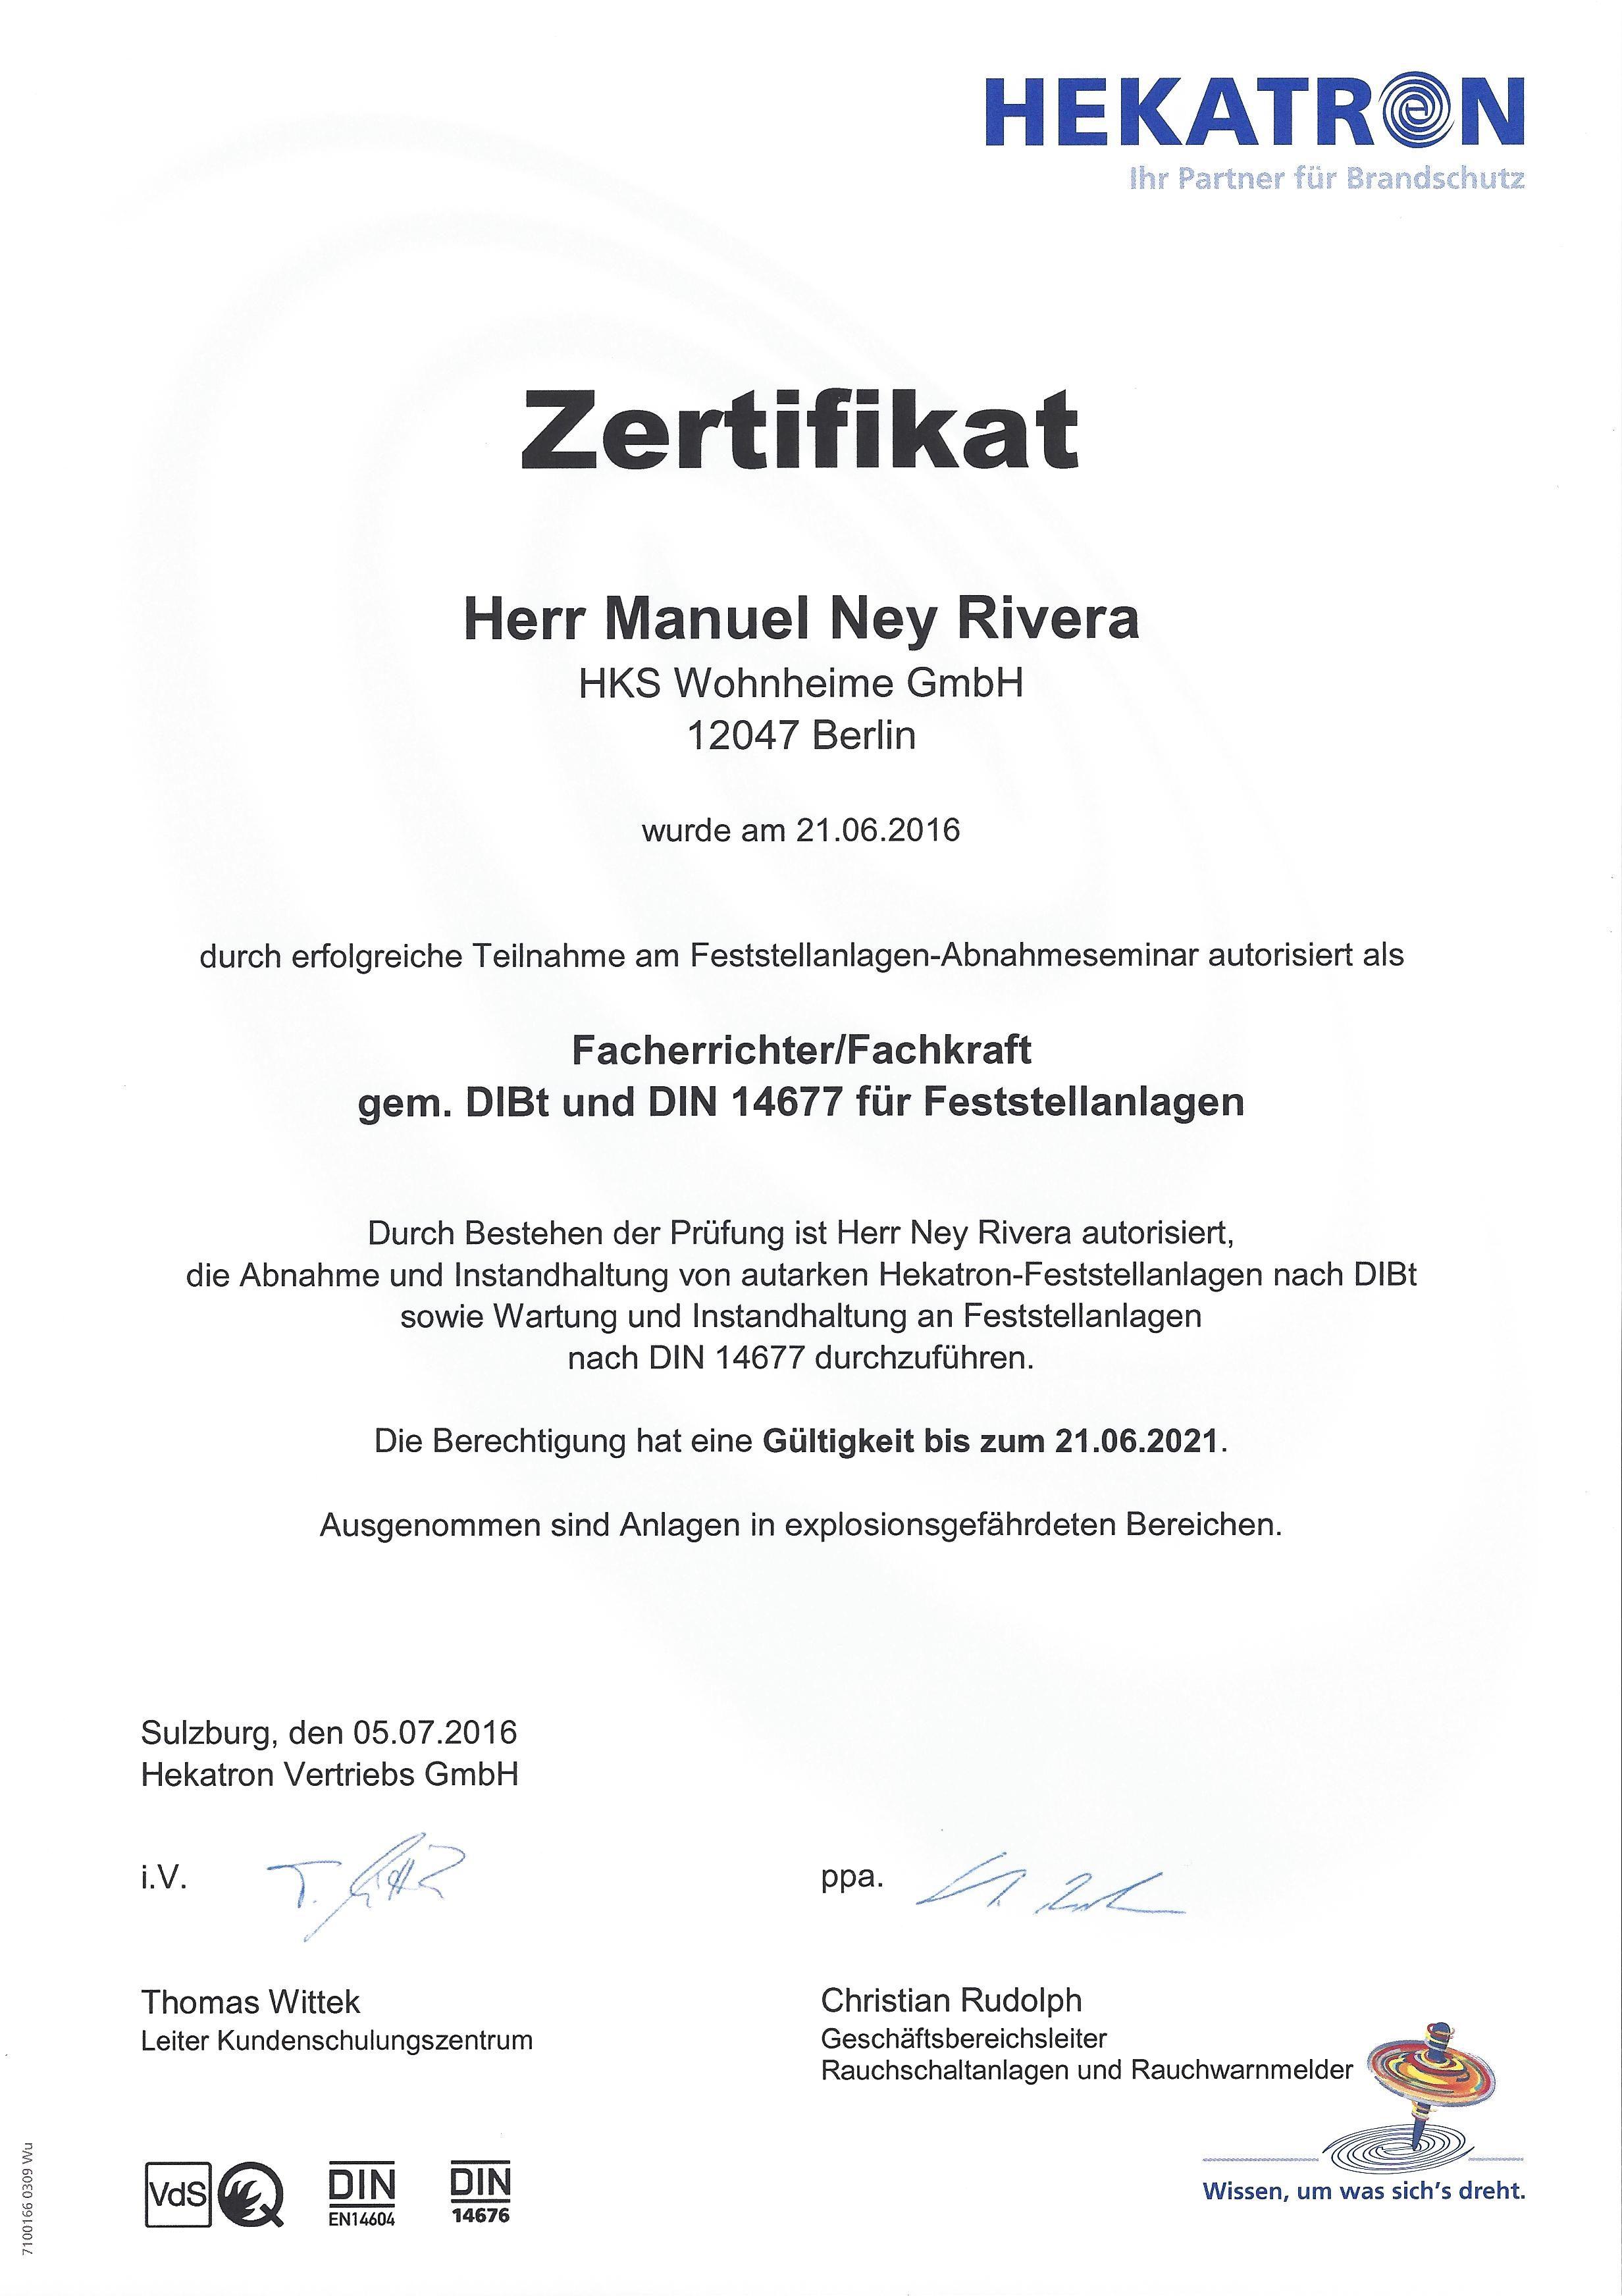 HEKATRON - Fachkraft für Feststellanlagen - Ney Rivera